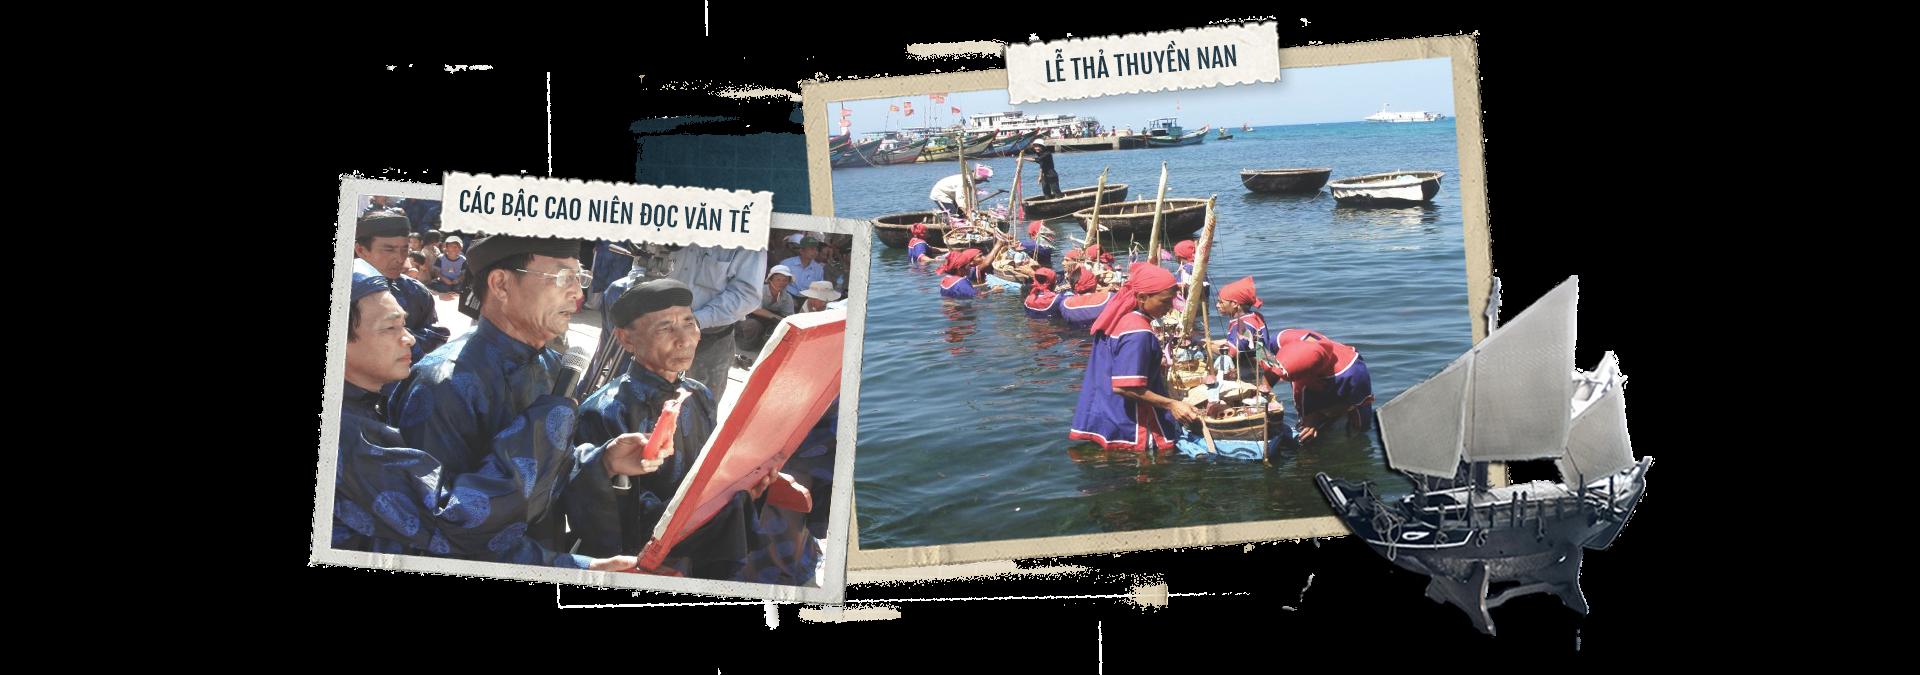 Hoàng Sa: Biển của ta, ta cứ giăng câu, thả lưới, dong thuyền - Ảnh 2.